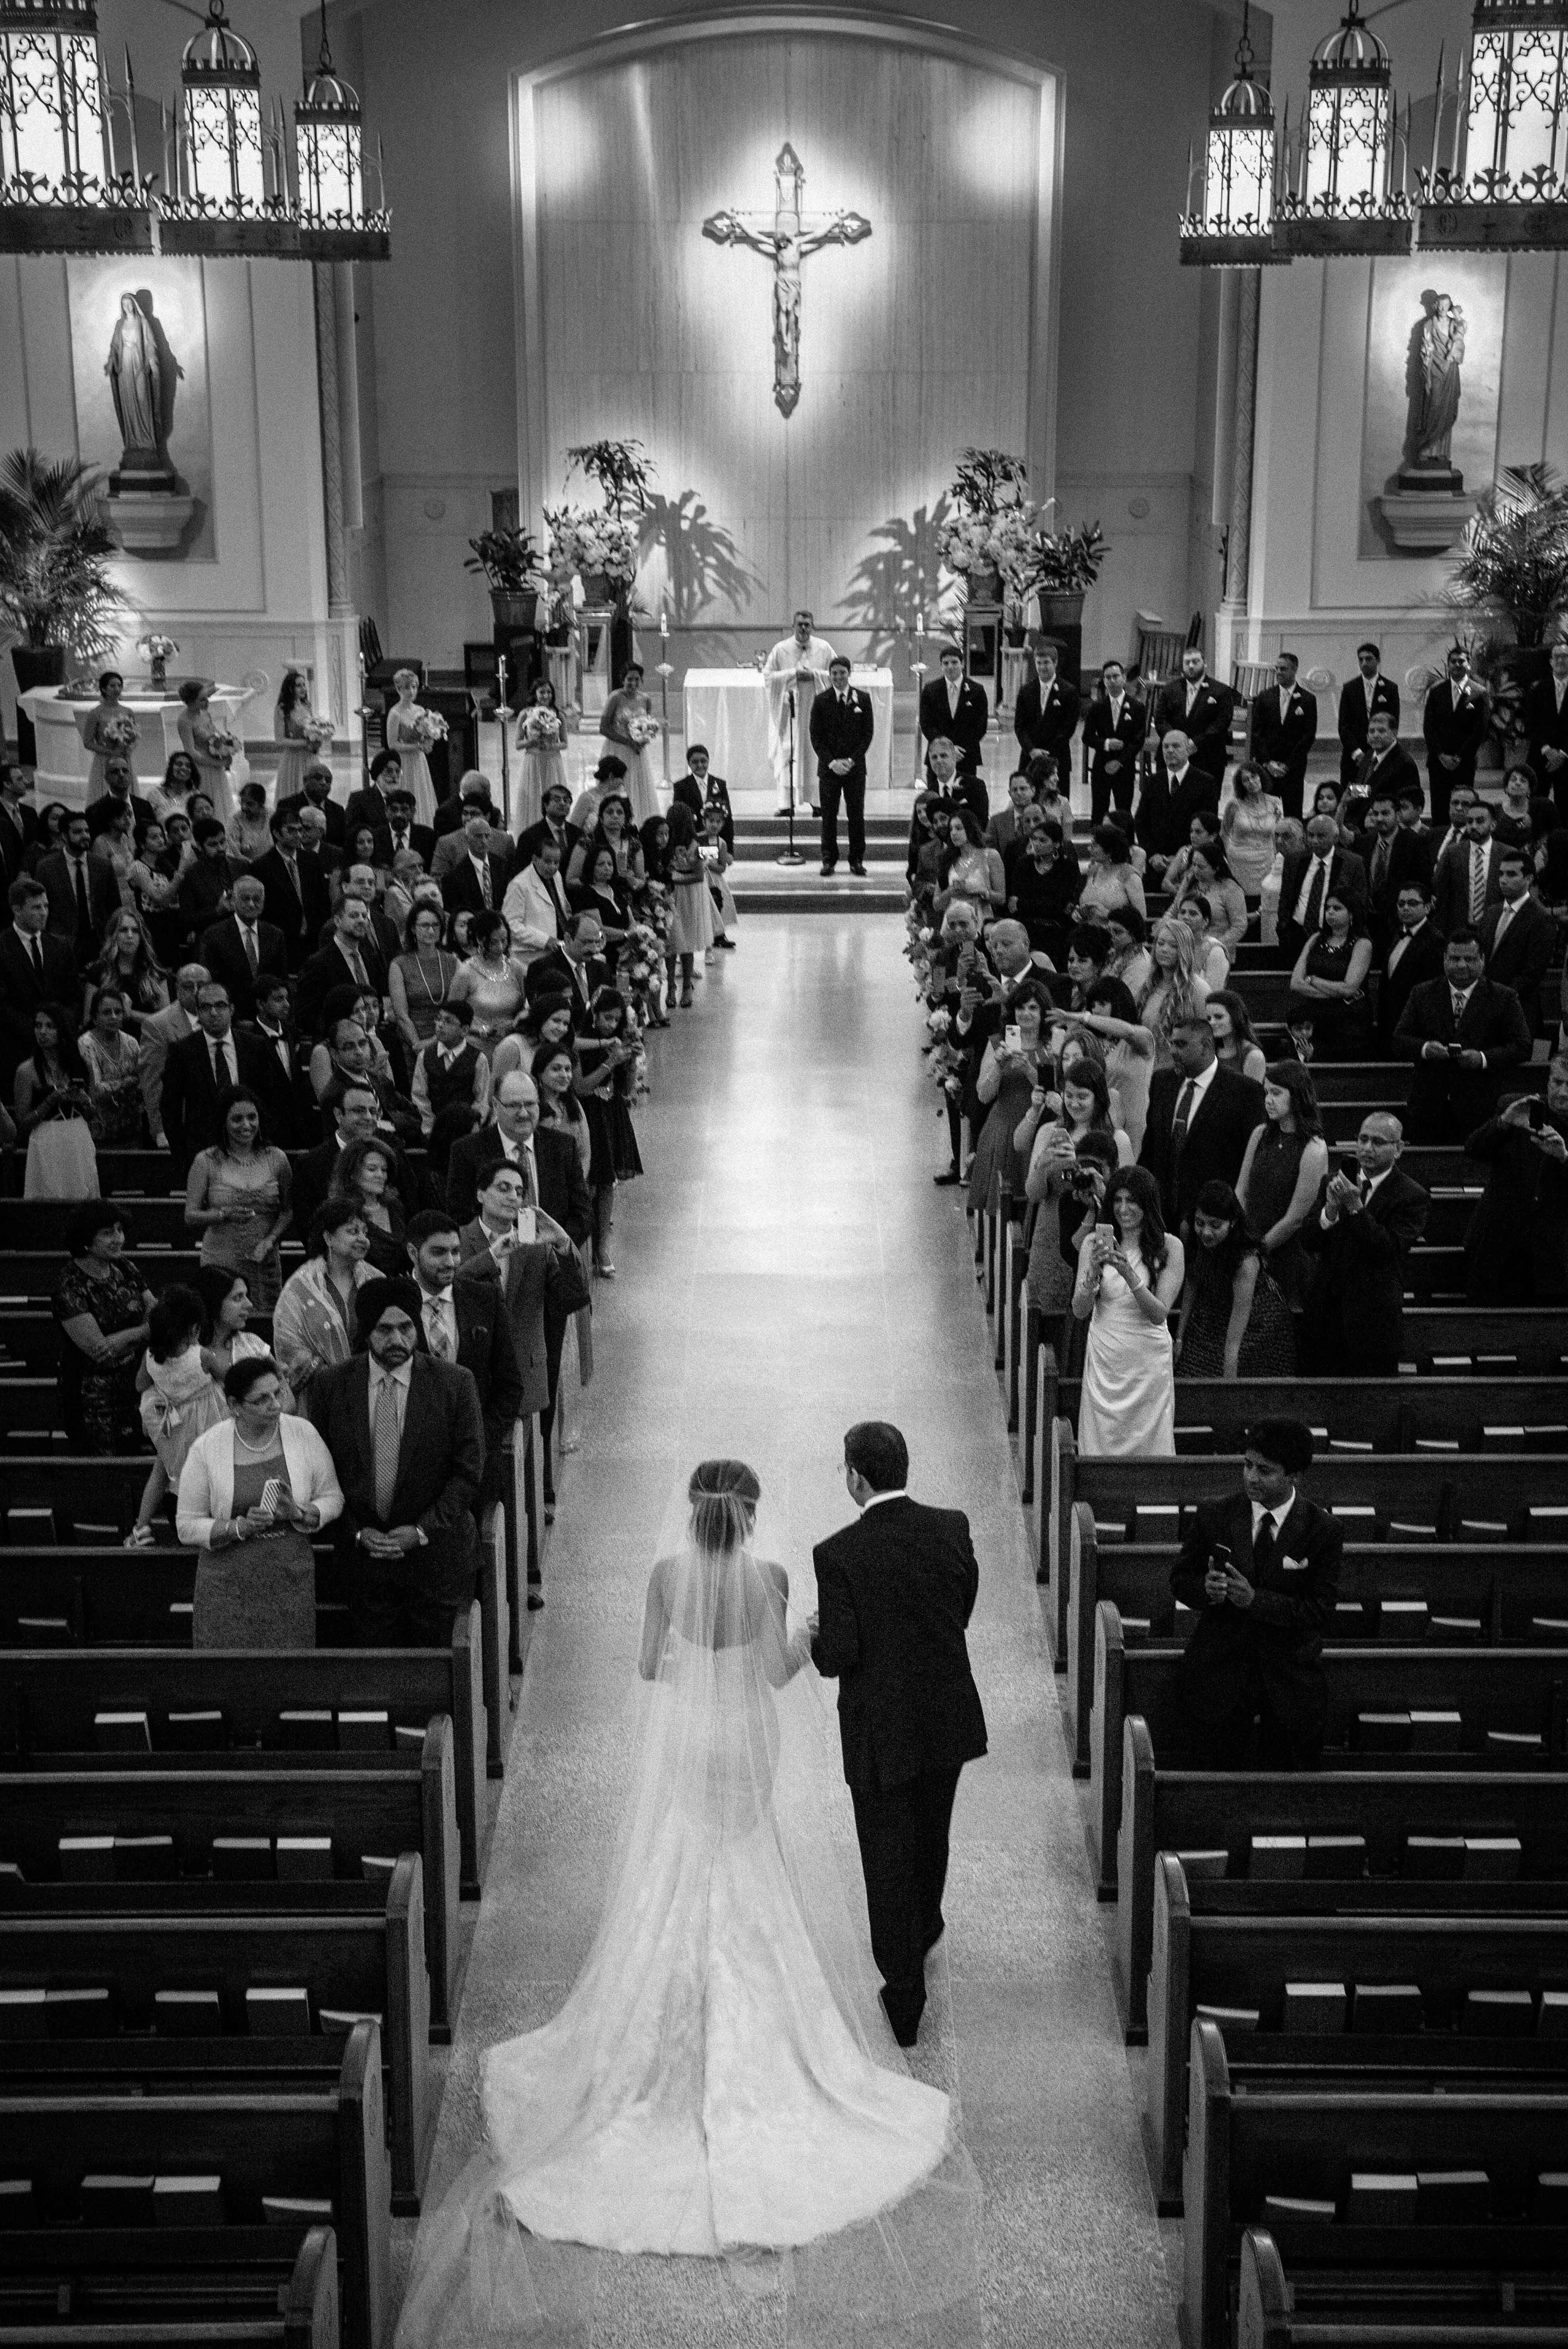 Pin on Church Weddings